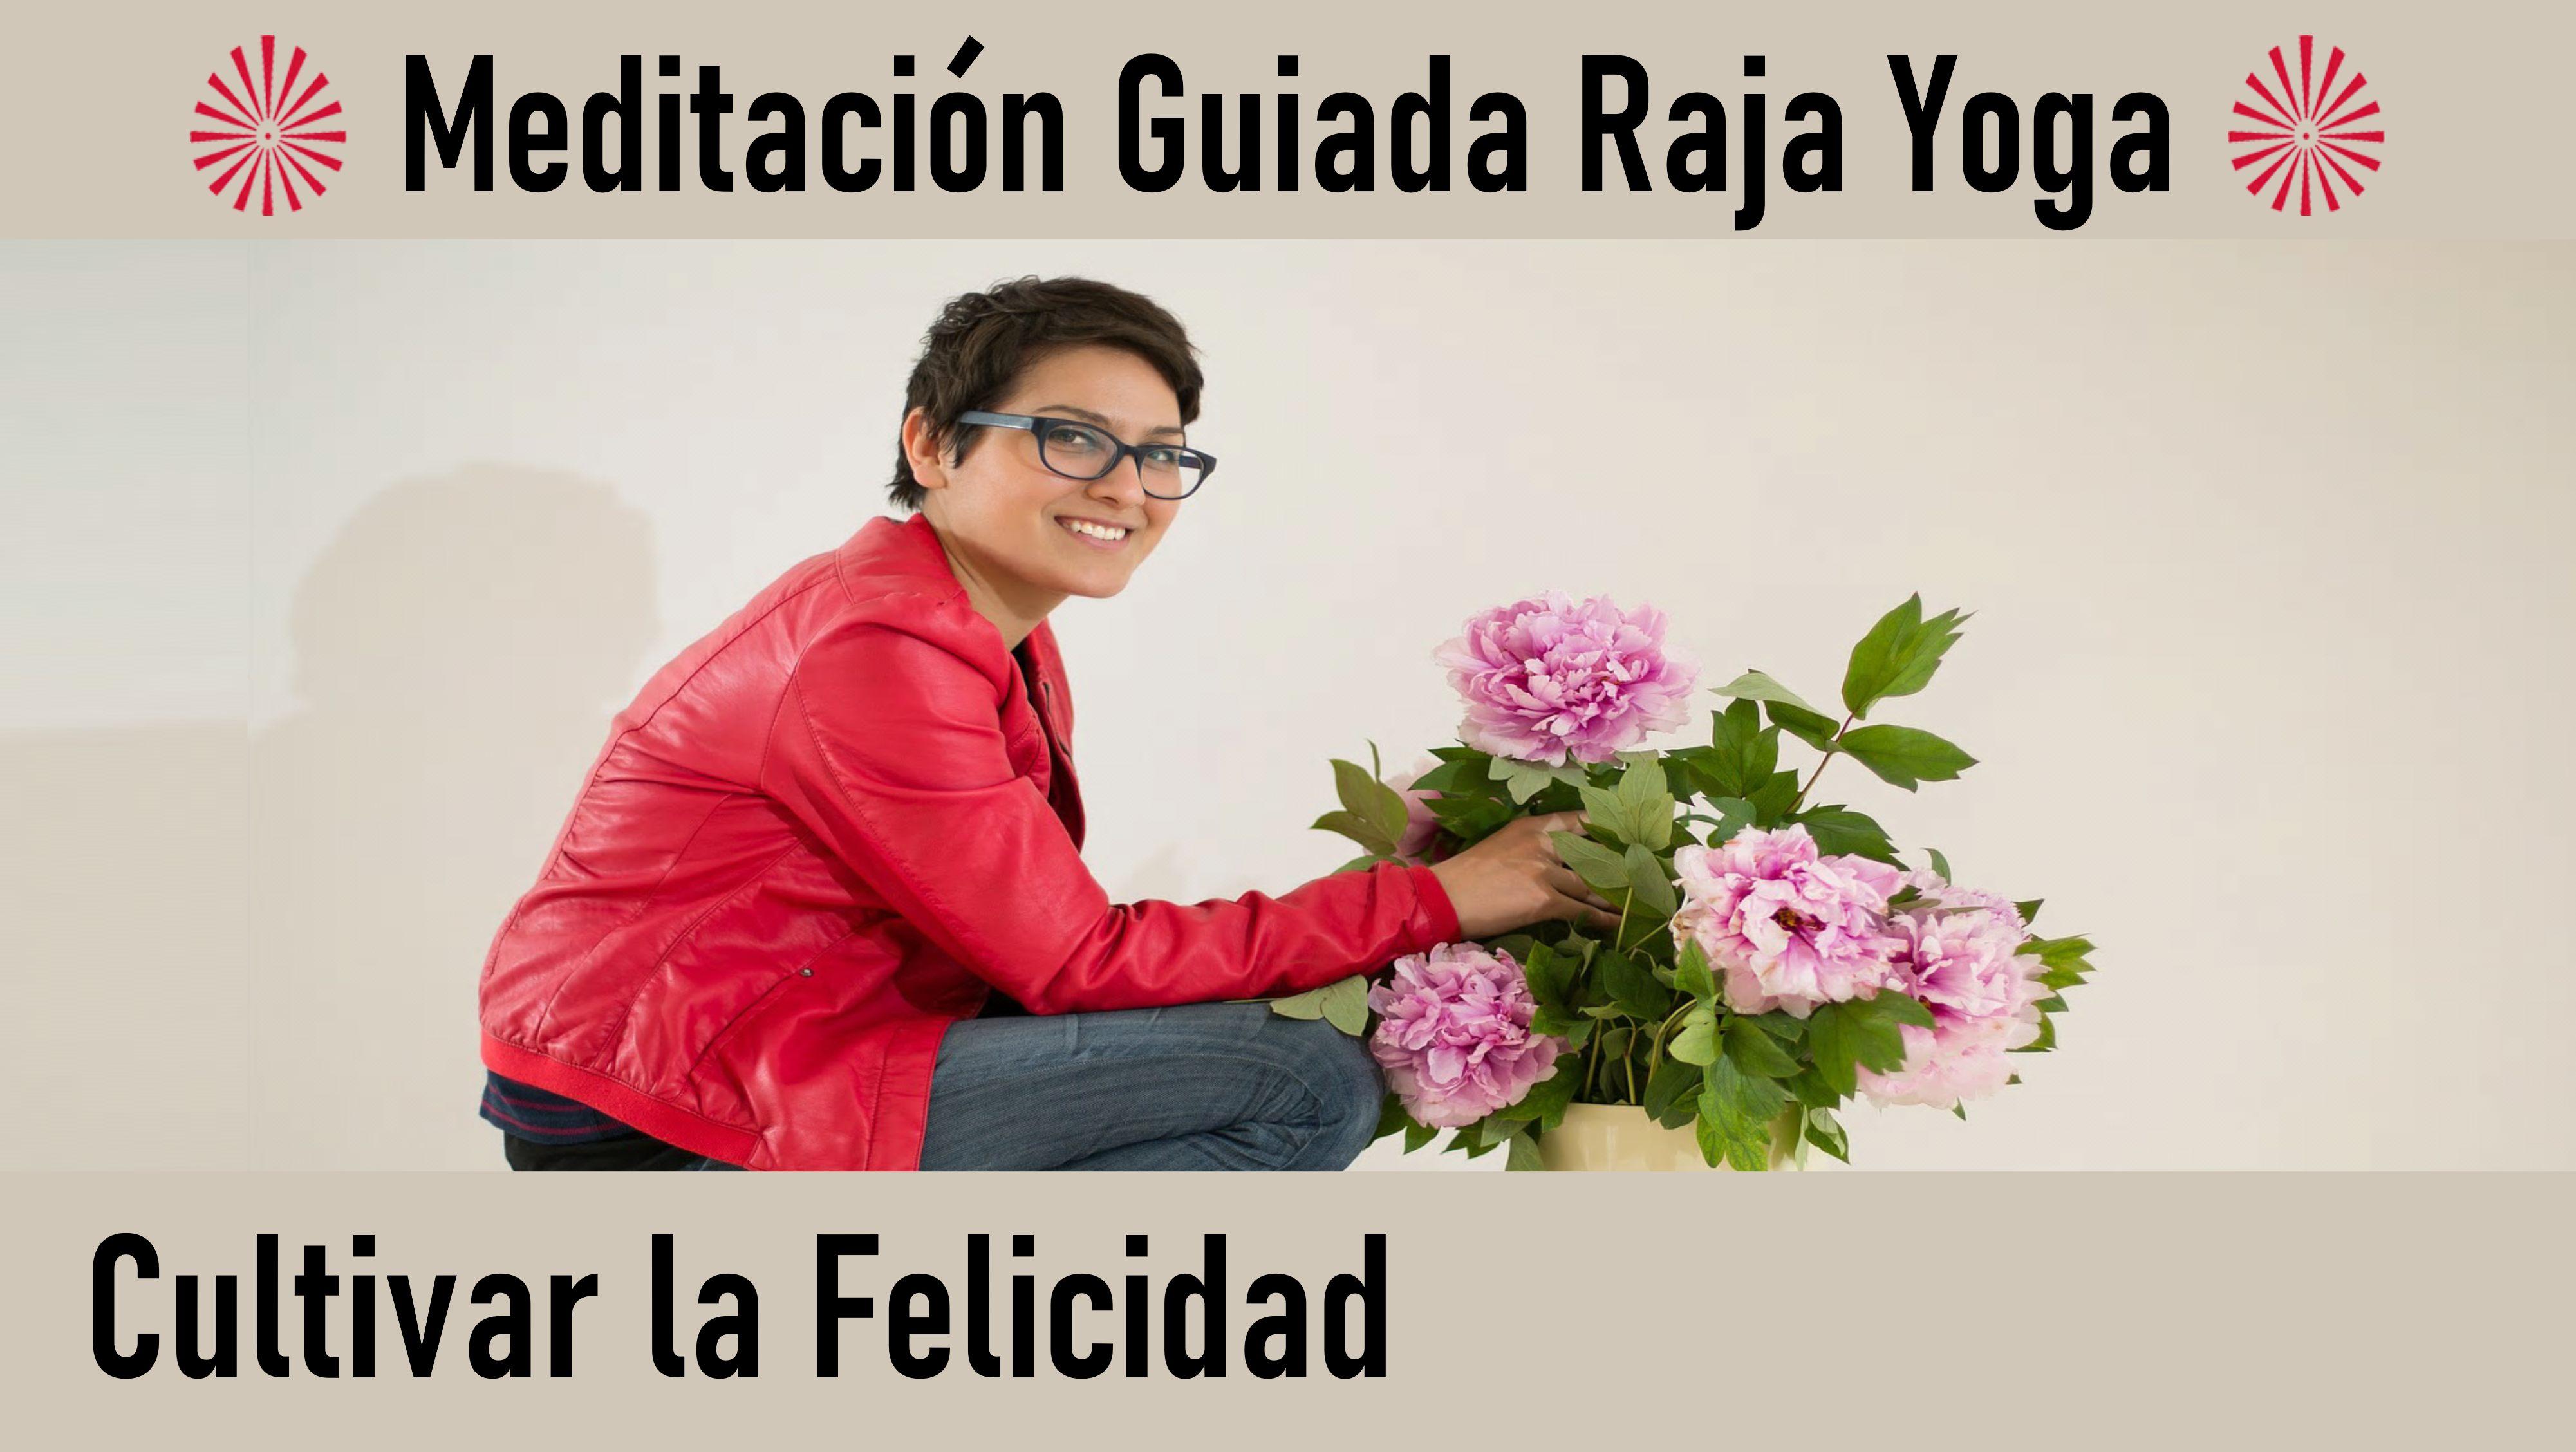 25 JUlio 2020 Meditación guiada: Cultivar la felicidad